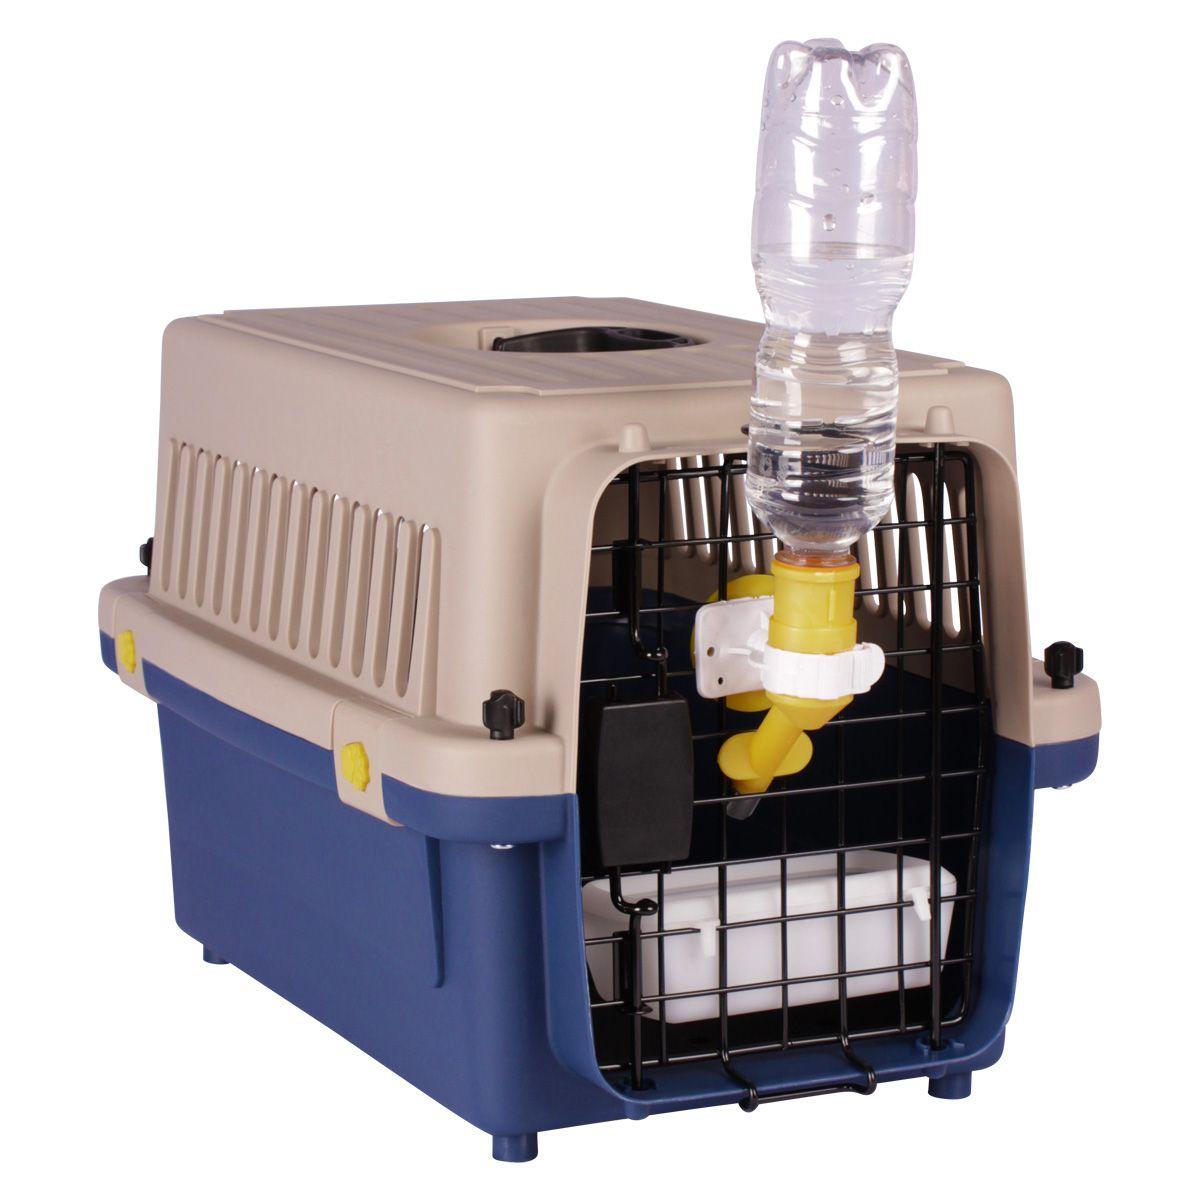 Caixa de Transporte Dog Fly modelo IATA Tamanho 2 N2 + Bebedouro